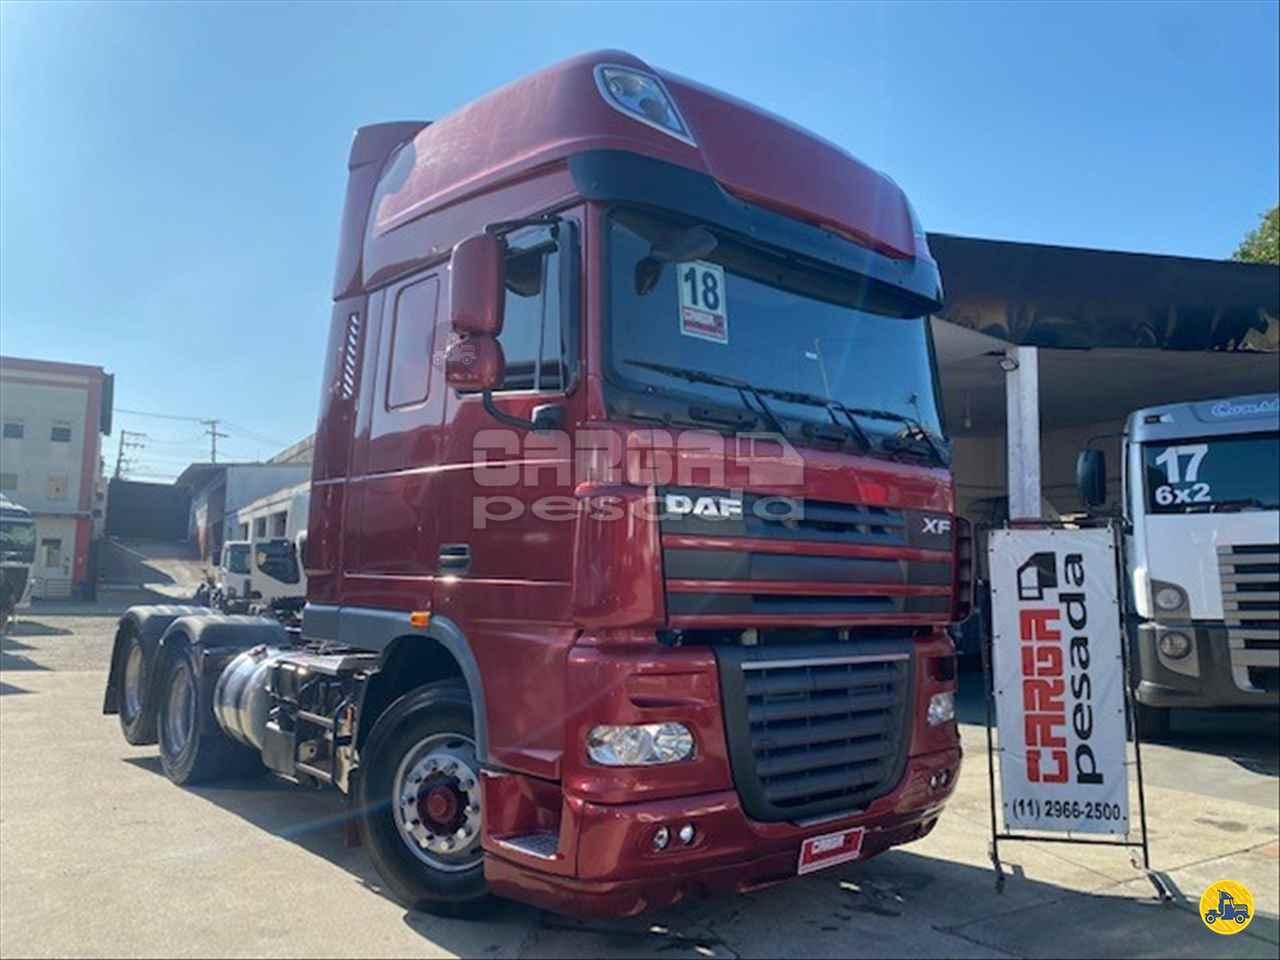 CAMINHAO DAF DAF XF105 460 Cavalo Mecânico Truck 6x2 Carga Pesada Caminhões SAO PAULO SÃO PAULO SP